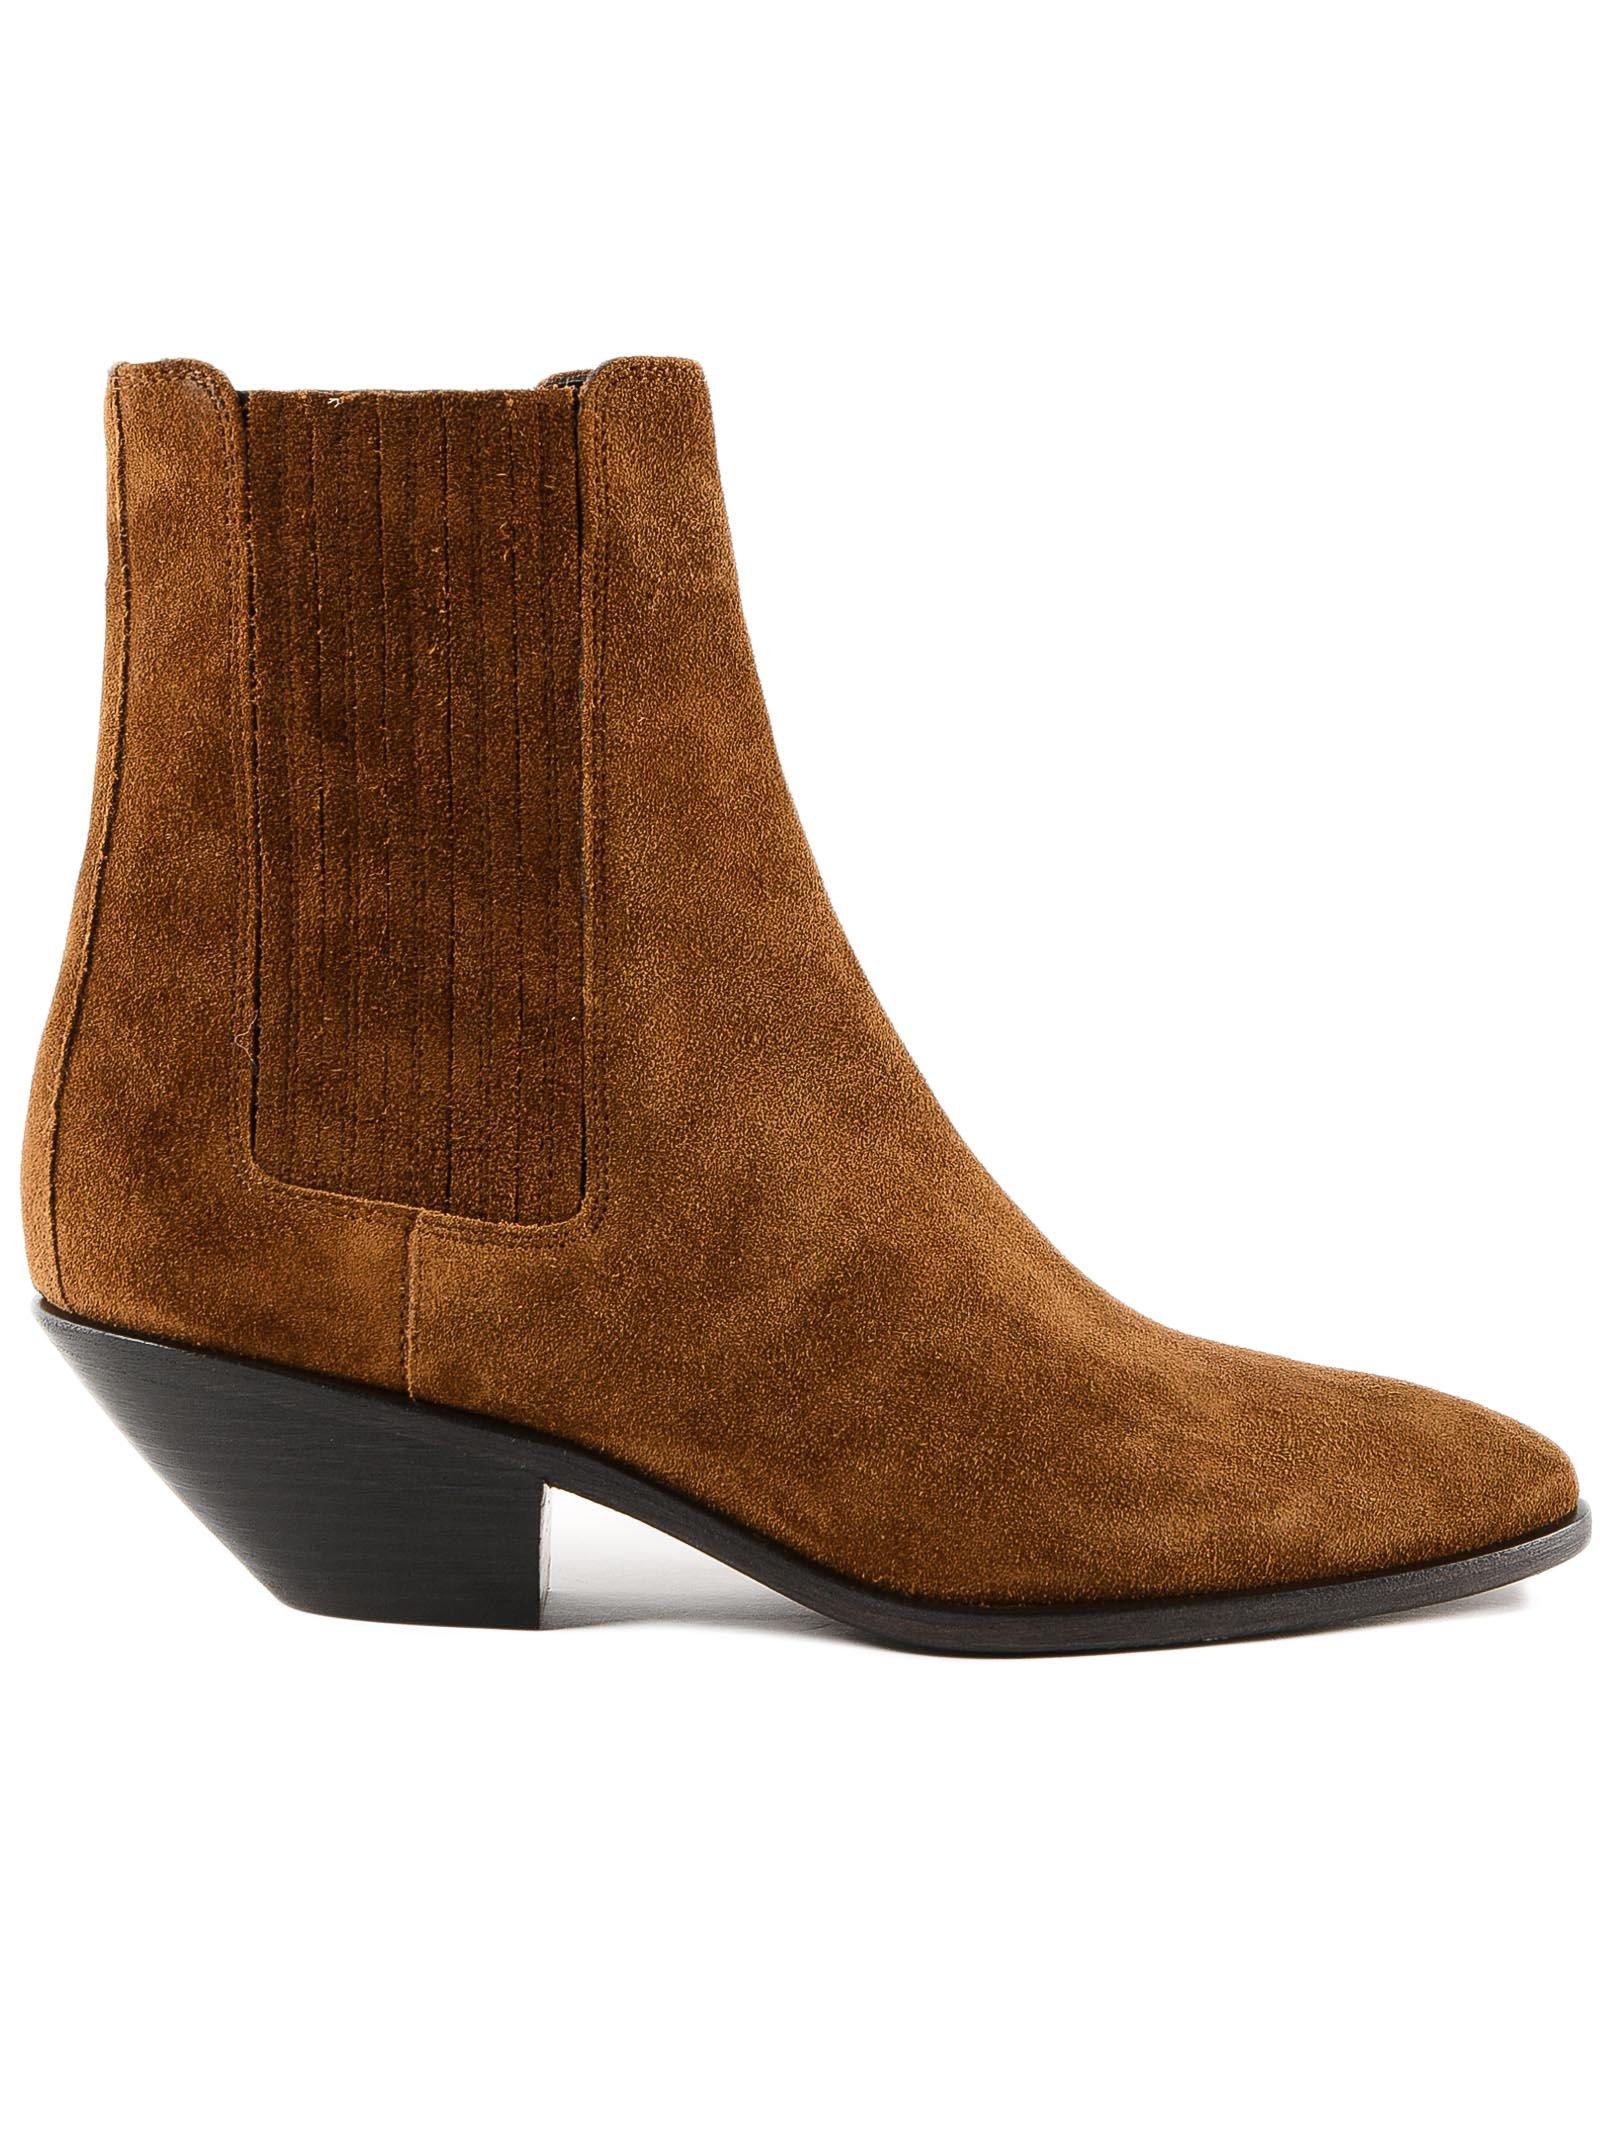 Saint Laurent West Chelsea Boots